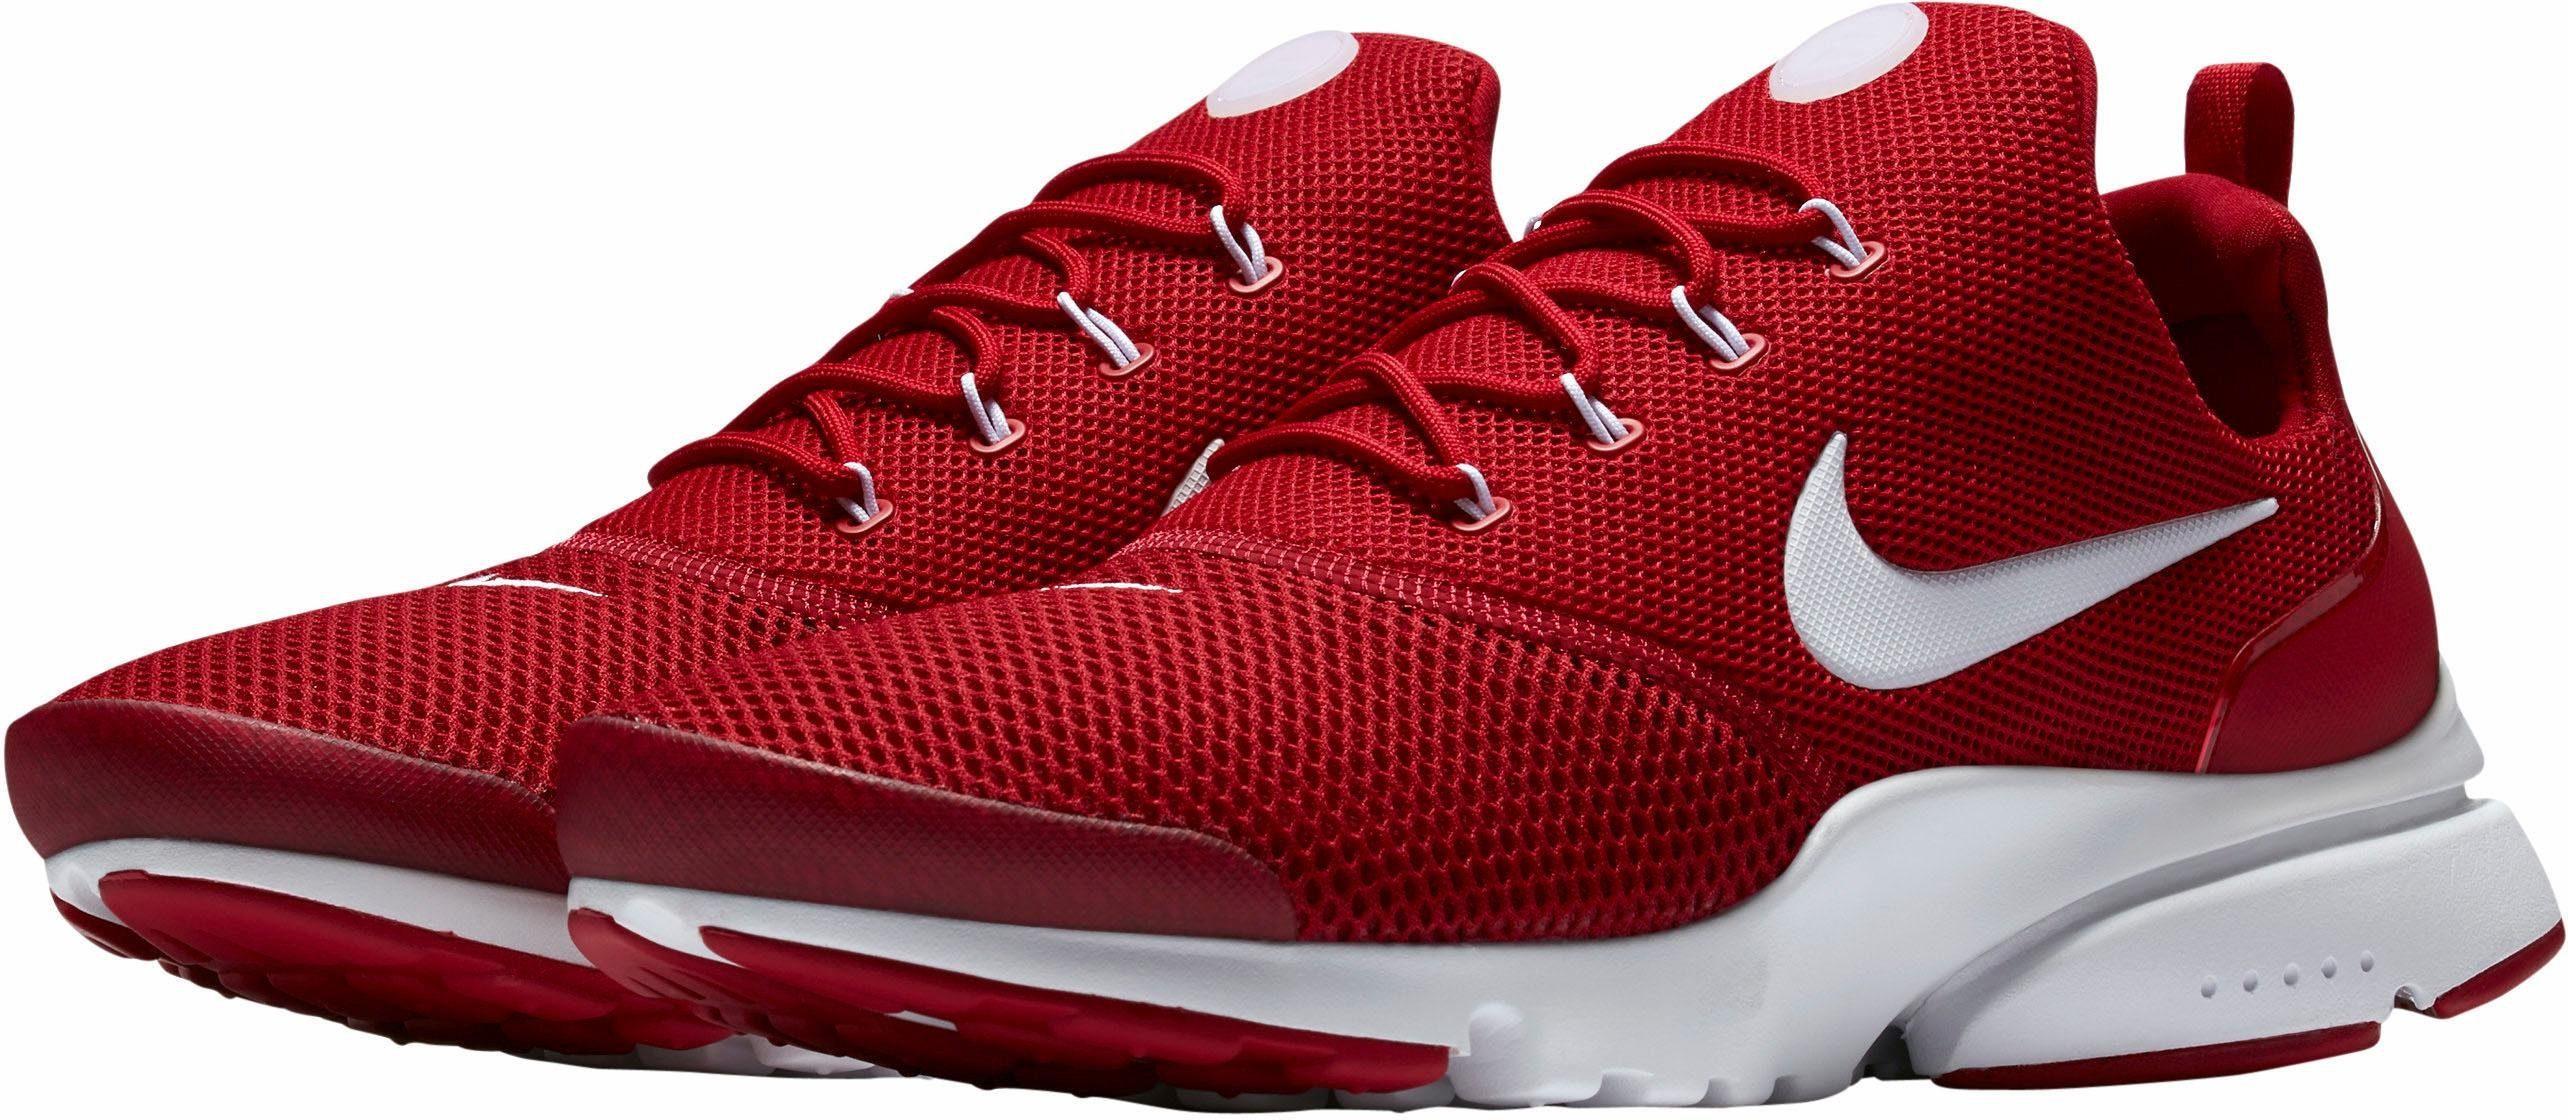 Nike Sportswear Presto Fly Sneaker online kaufen  rot-weiß